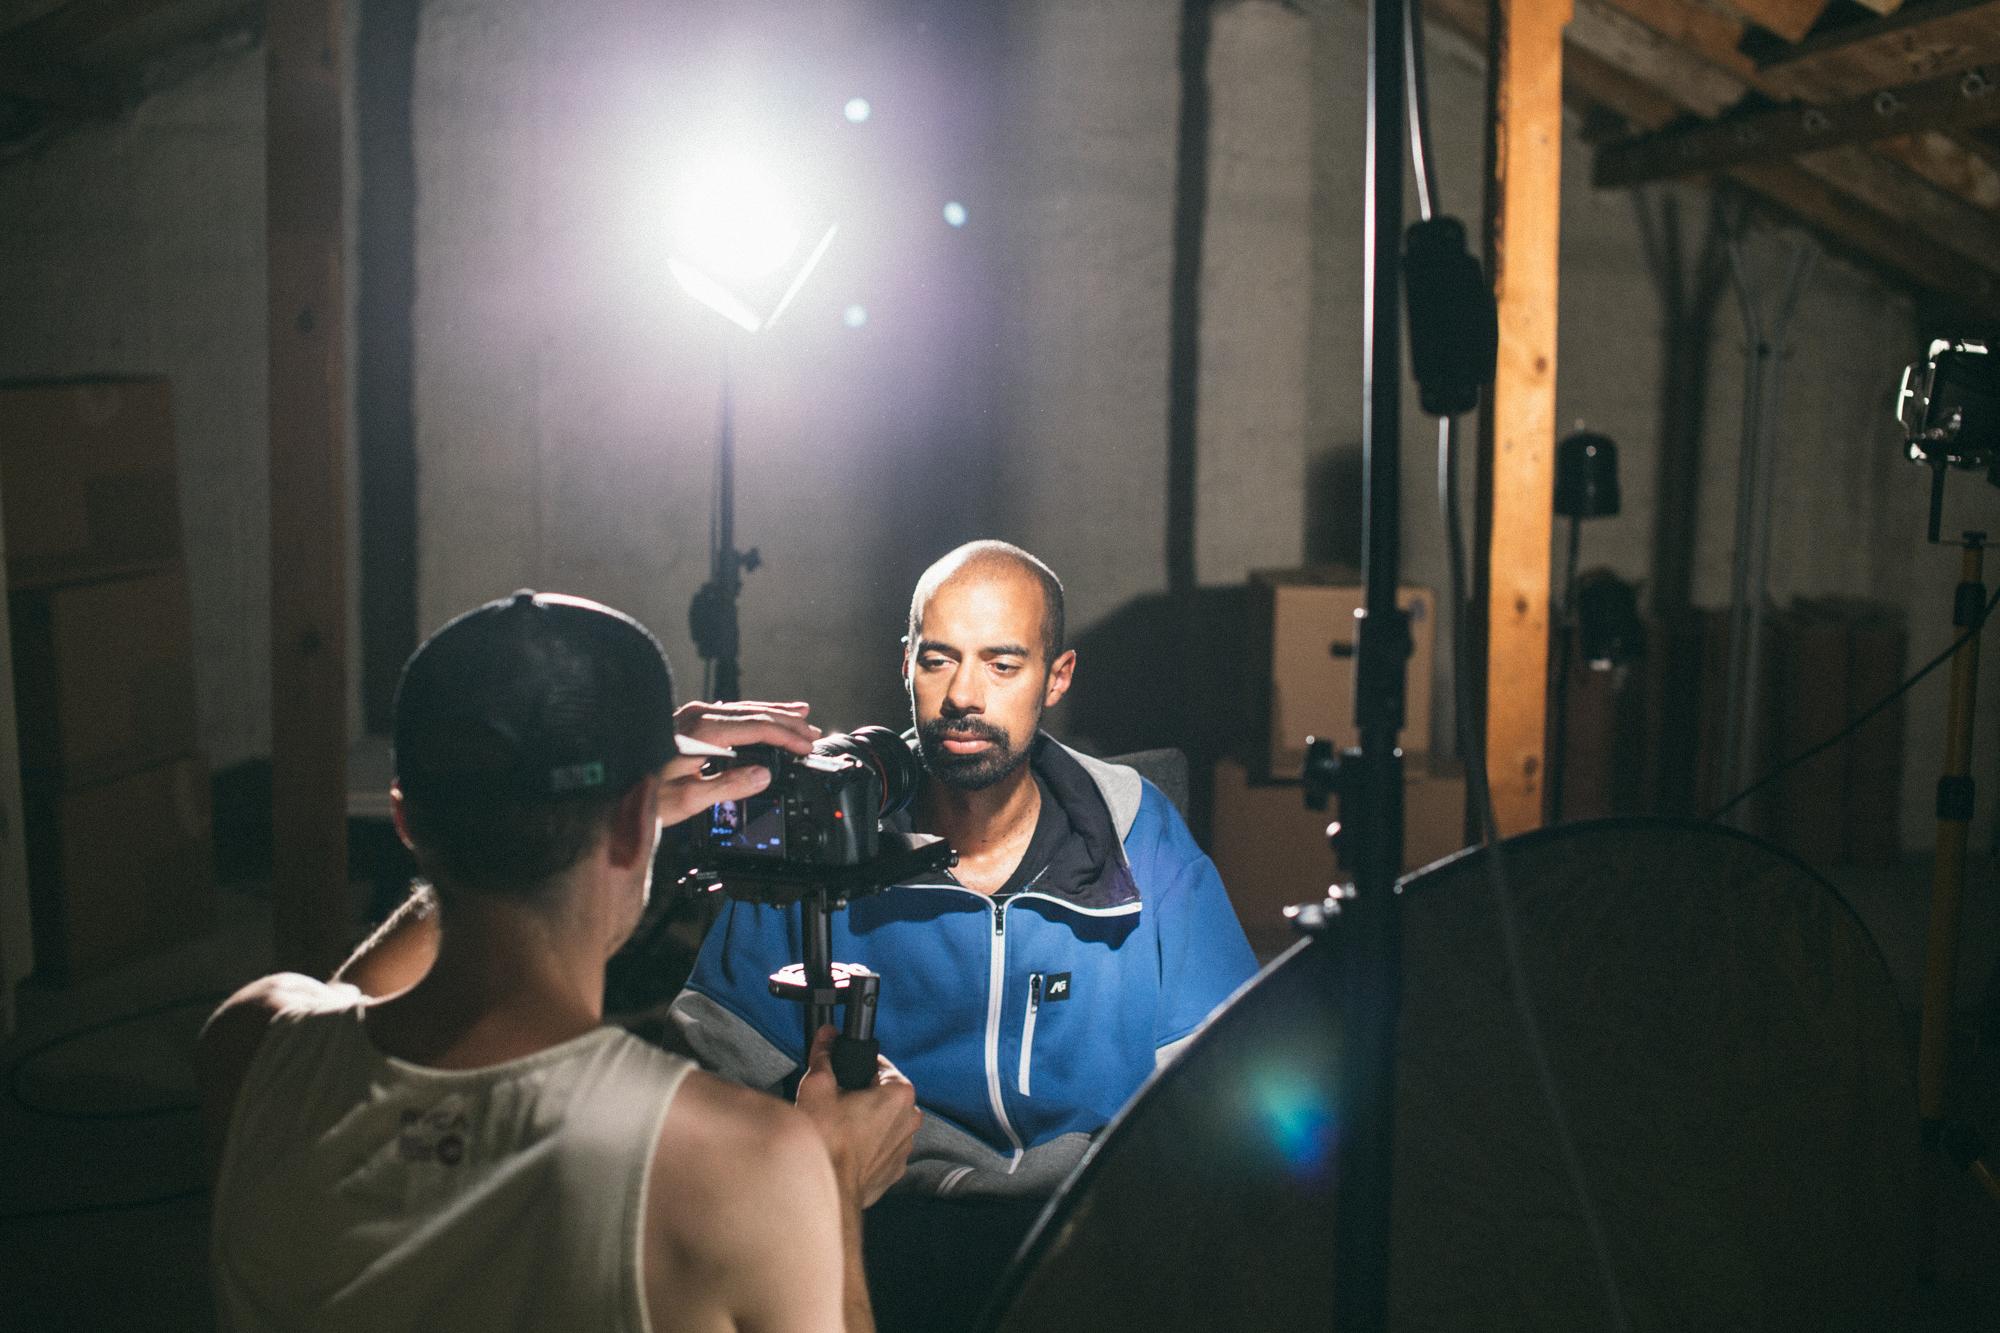 Käytimme kuvauksissa kahta Canonin 60d -kameraa. Valot olivat aidosti kuumenevat työmaalamput.